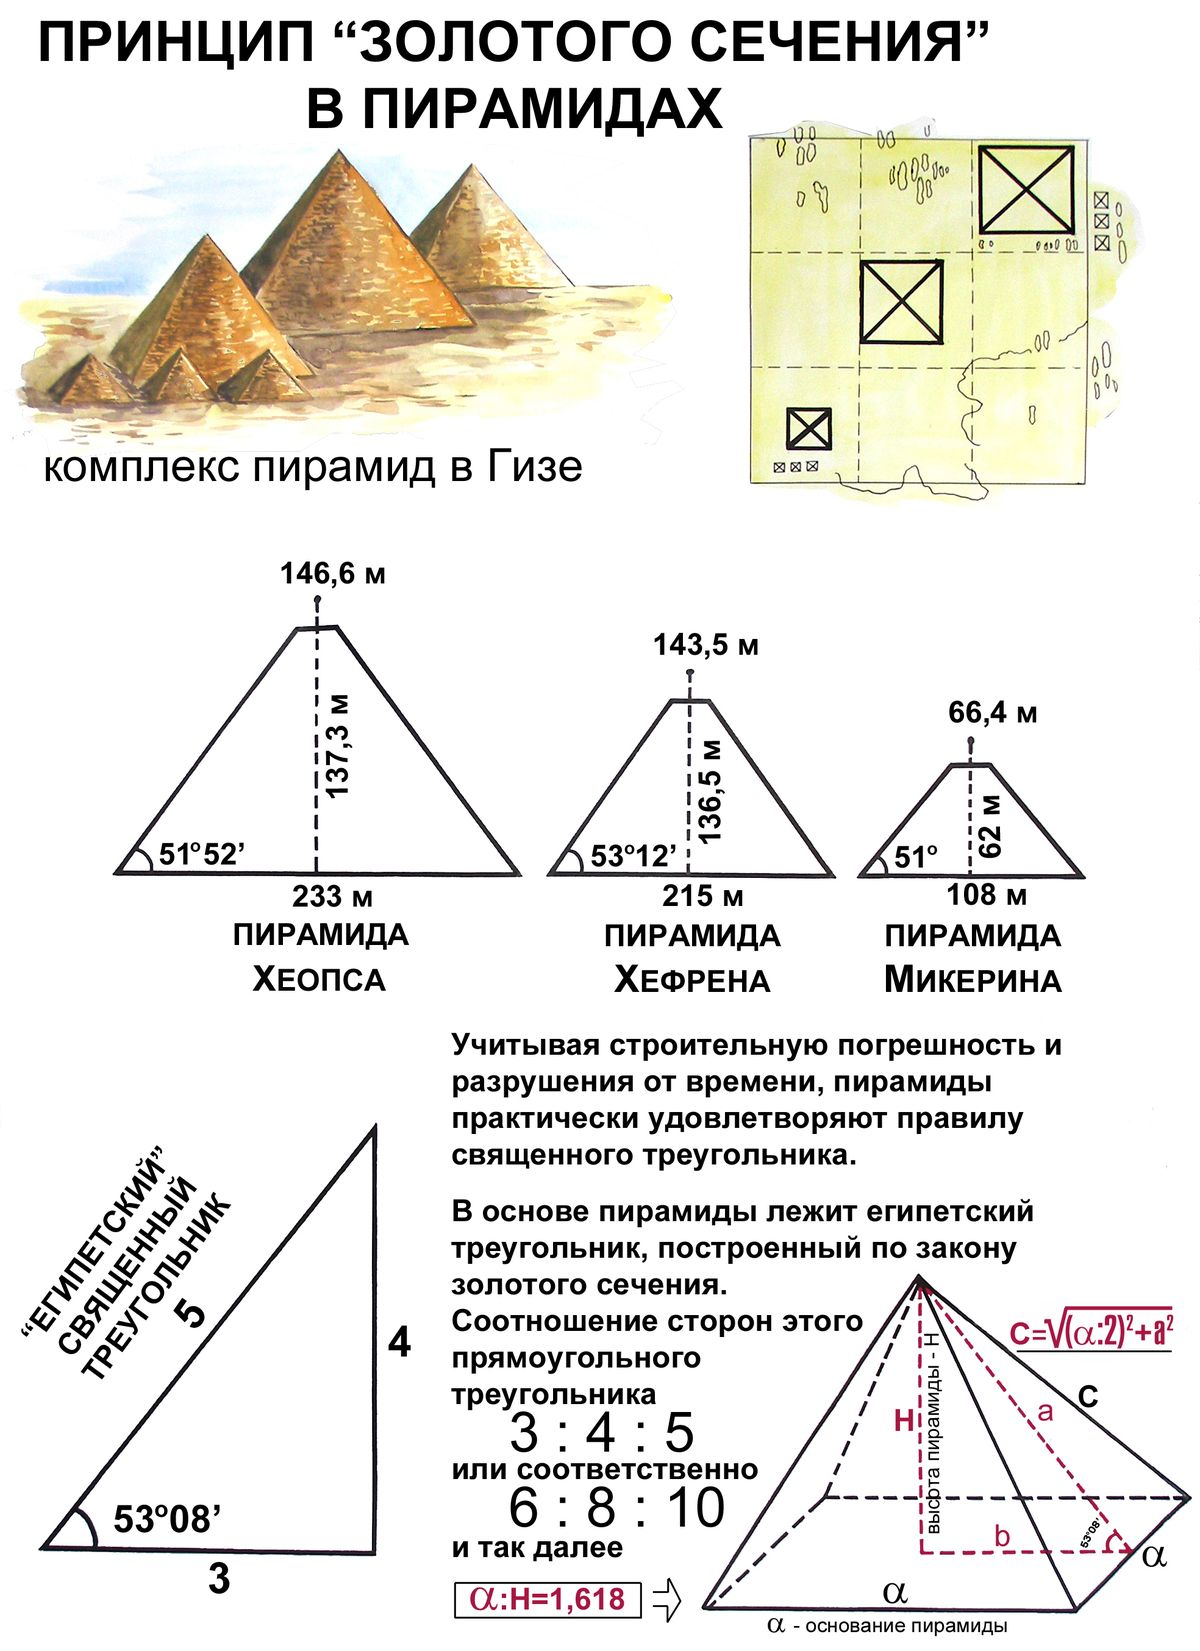 Принцип золотого сечения в пирамидах